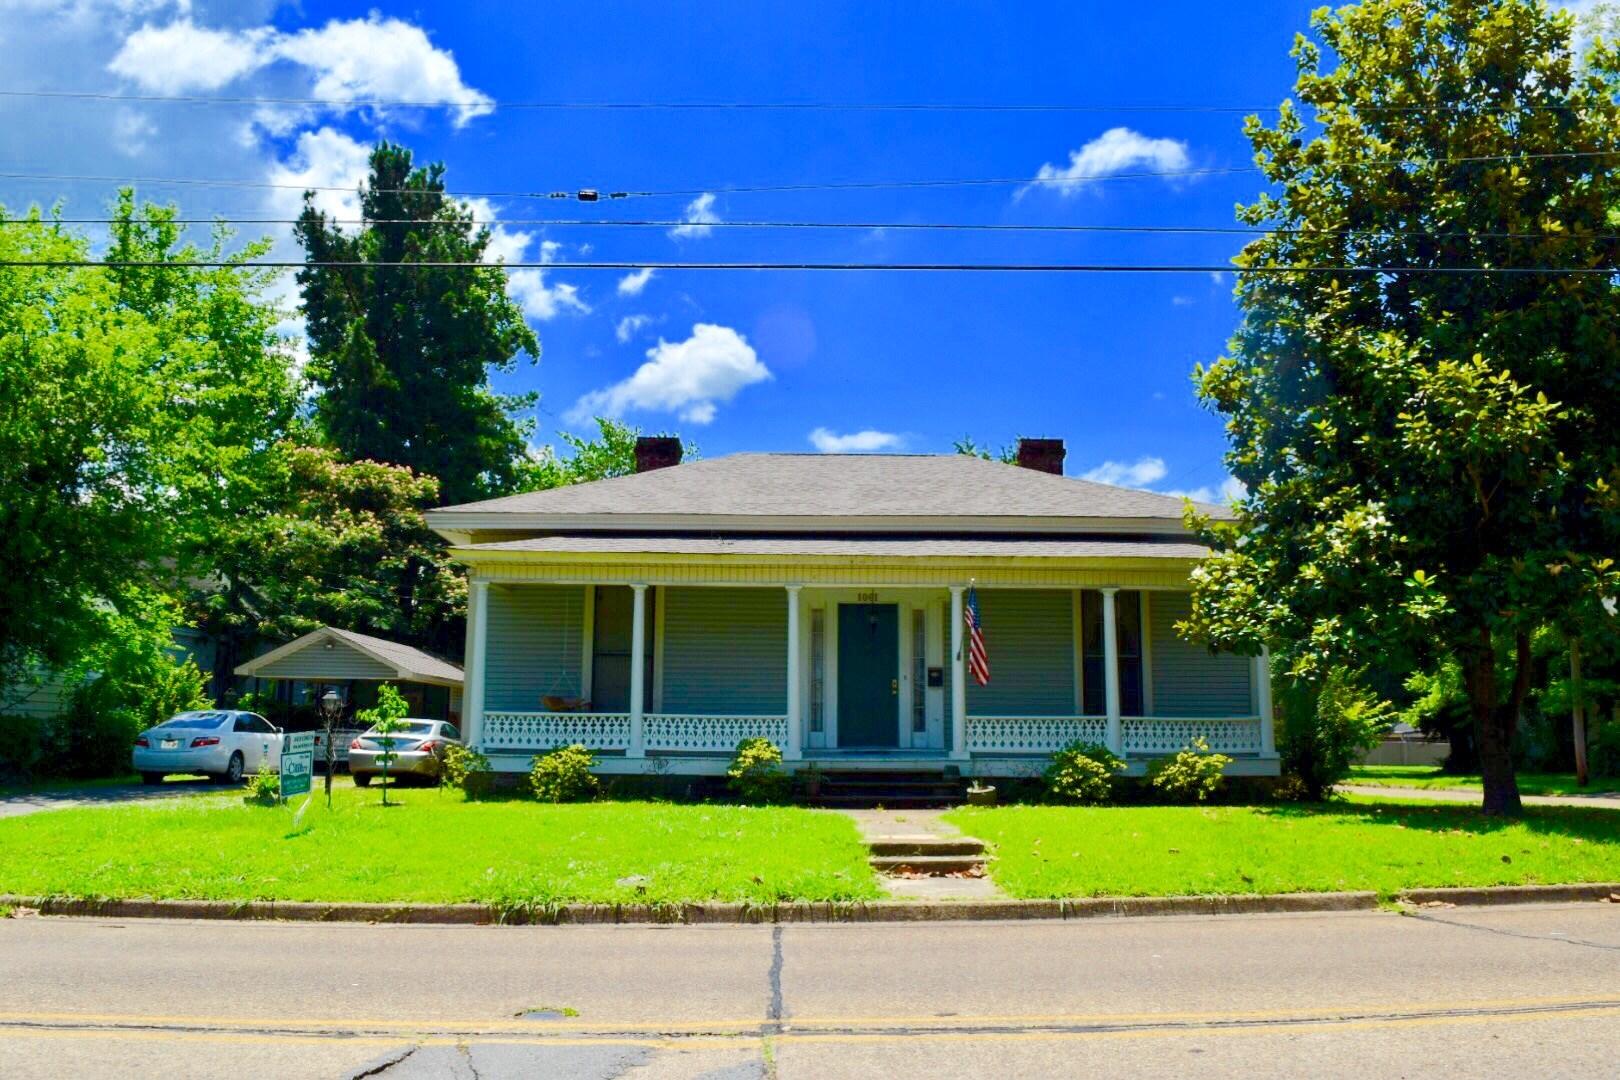 Historic Home,For Sale,Arkansas,Arkadelphia,Greek Revival